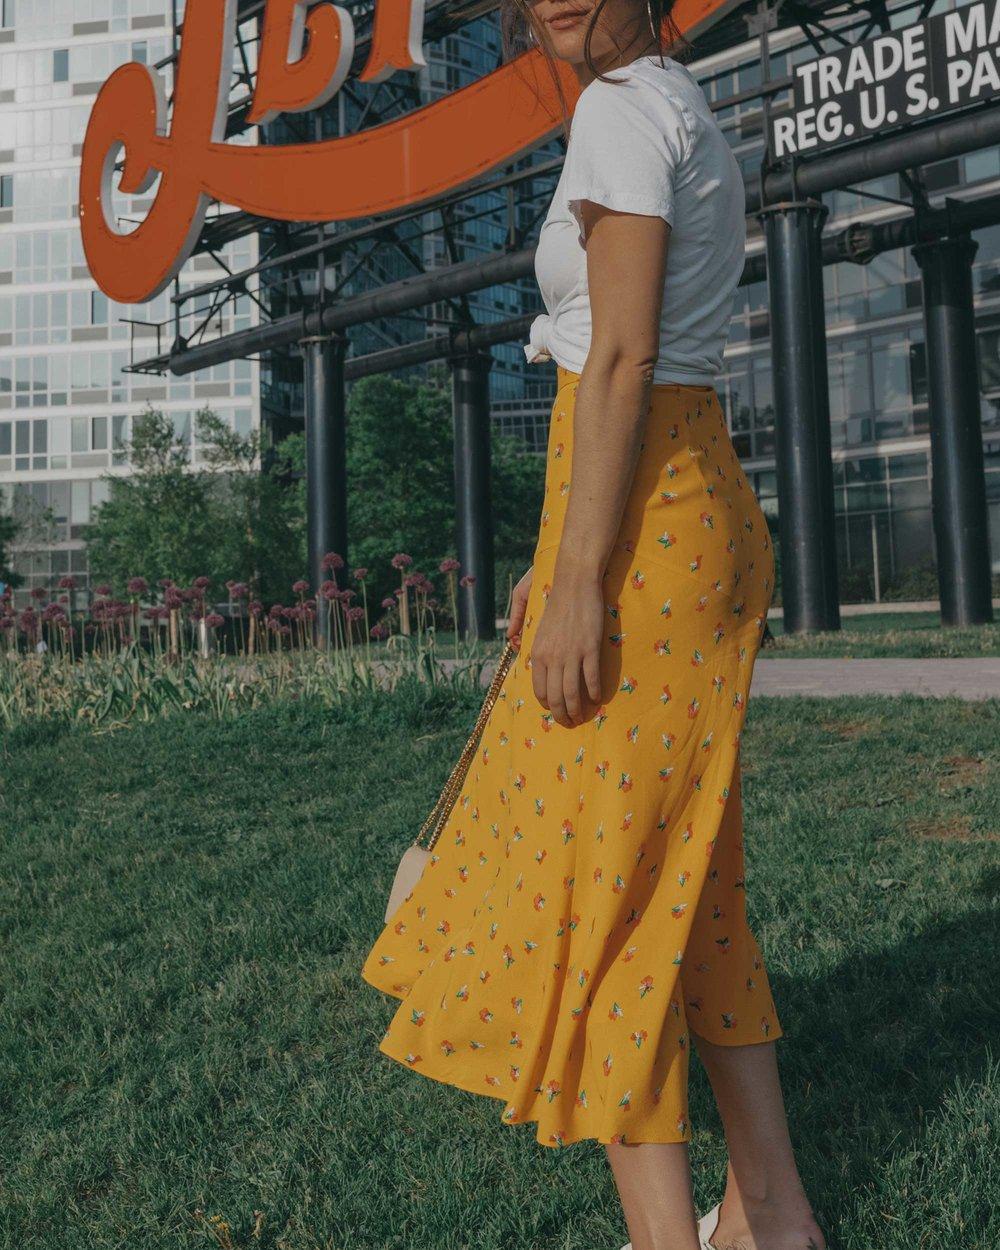 yellow floral midi skirt pepsi cola sign long island city5.jpg